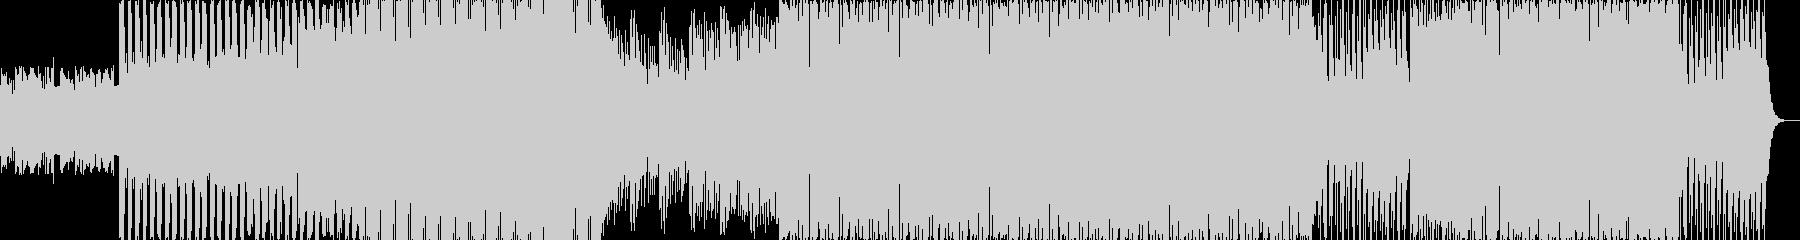 優しいメロディのエレクトロニカの未再生の波形